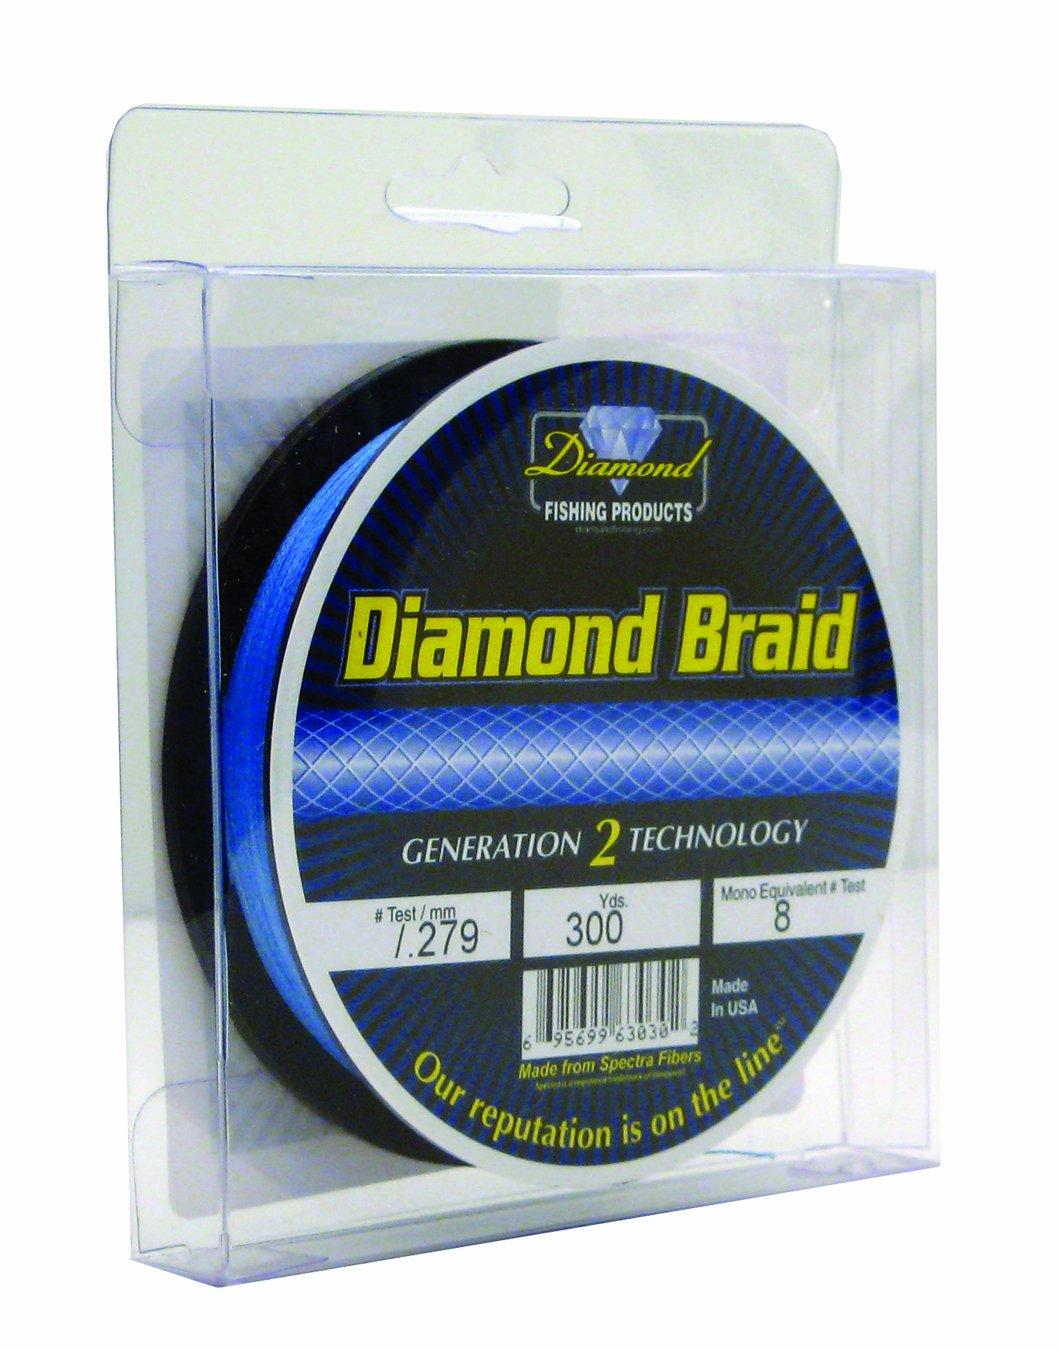 【全商品オープニング価格 特別価格】 Momoi 63050 300-yardダイヤモンド三つ編み、50-pound 63050 B0084EDZ2Y、Brilliantブルー B0084EDZ2Y, アスポ:f741236d --- a0267596.xsph.ru